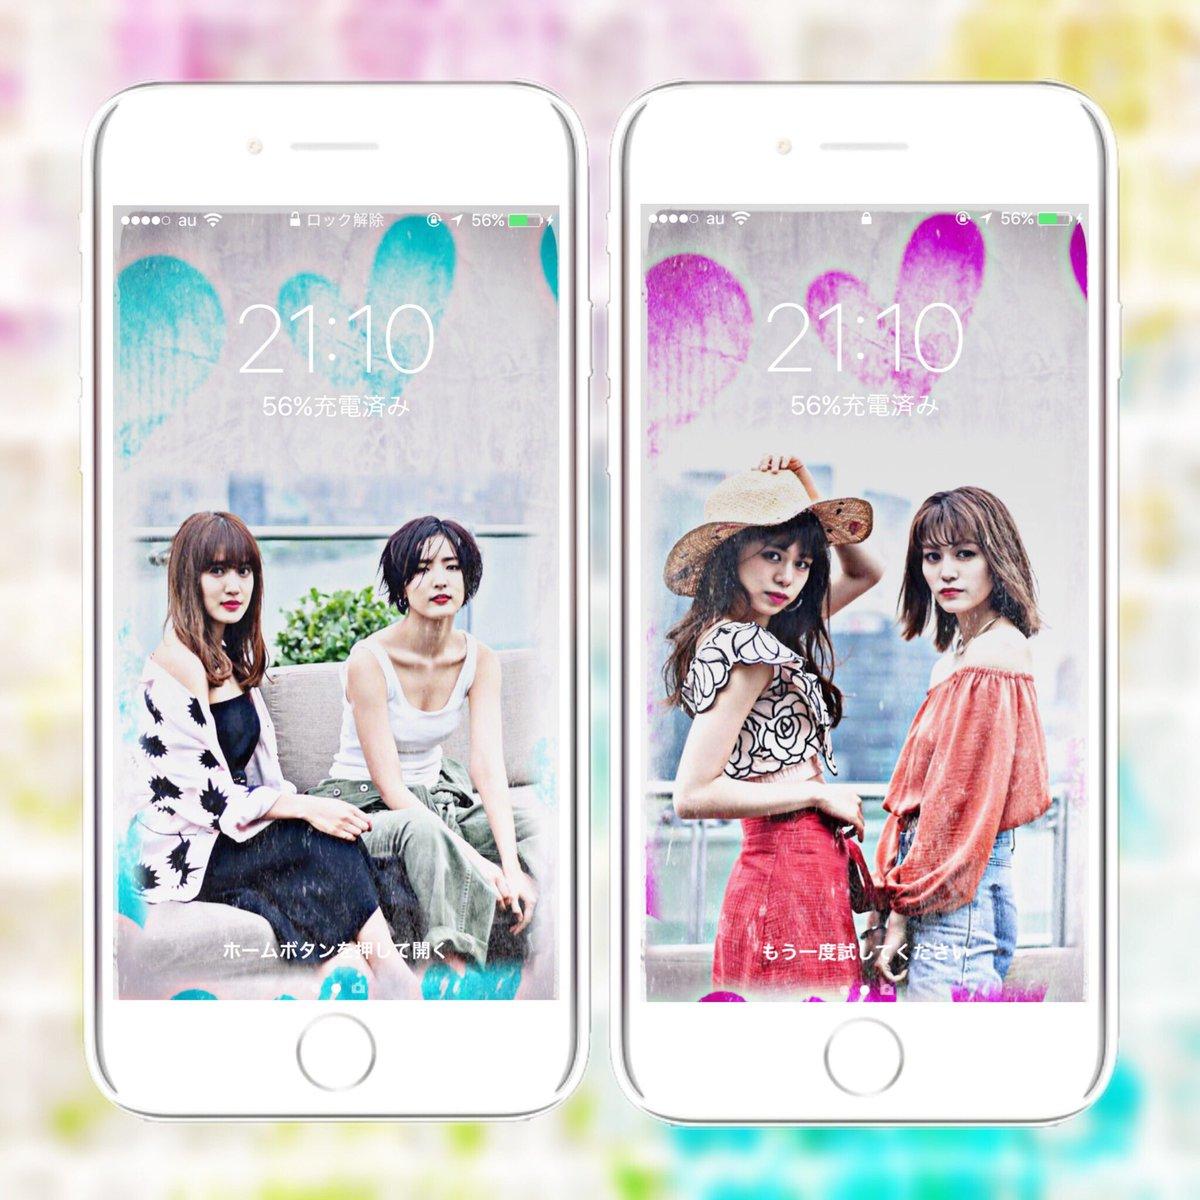 Masaya E Girls楓 Egirls10176843 Twitter